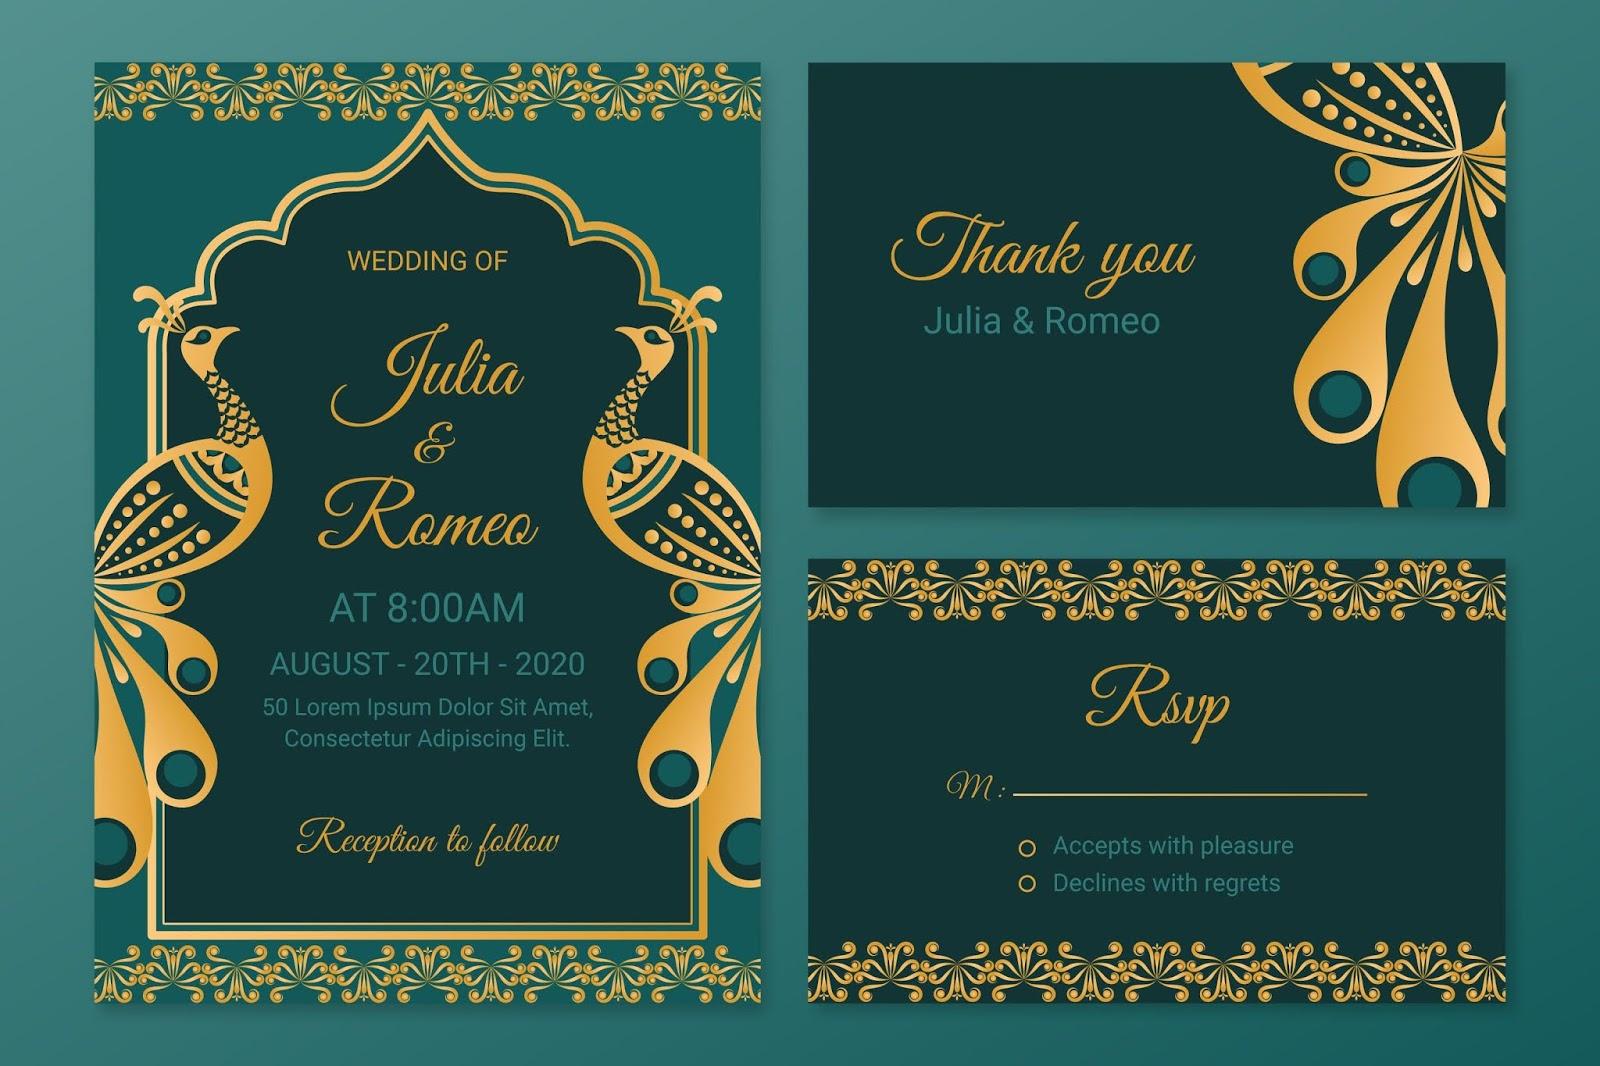 تصاميم فيكتور زخارف ونقوش لبطاقات الزفاف وكروت الدعوة بشكل اكثر من رائع